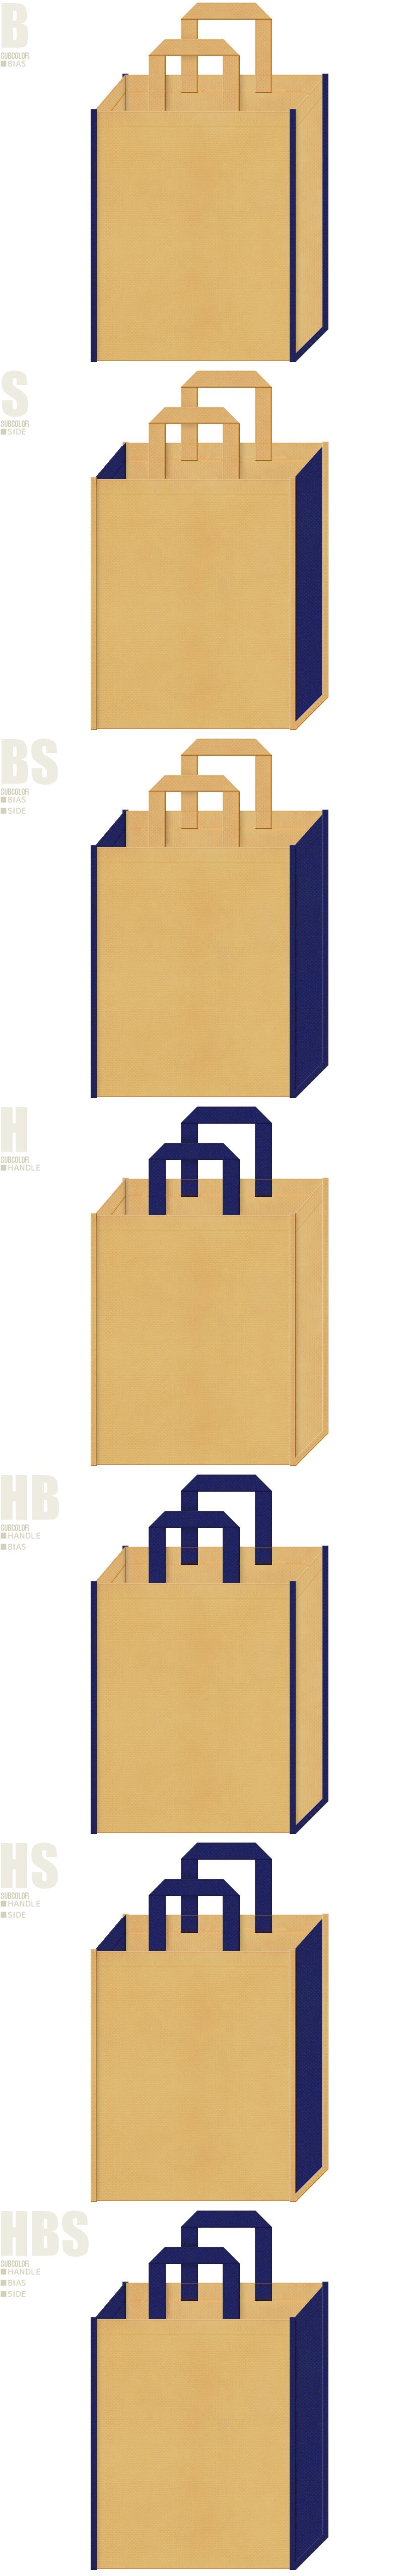 学校・オープンキャンパス・学習塾・レッスンバッグ・デニム・カジュアル・アウトレットのショッピングバッグにお奨めの不織布バッグデザイン:薄黄土色と明るめの紺色の配色7パターン